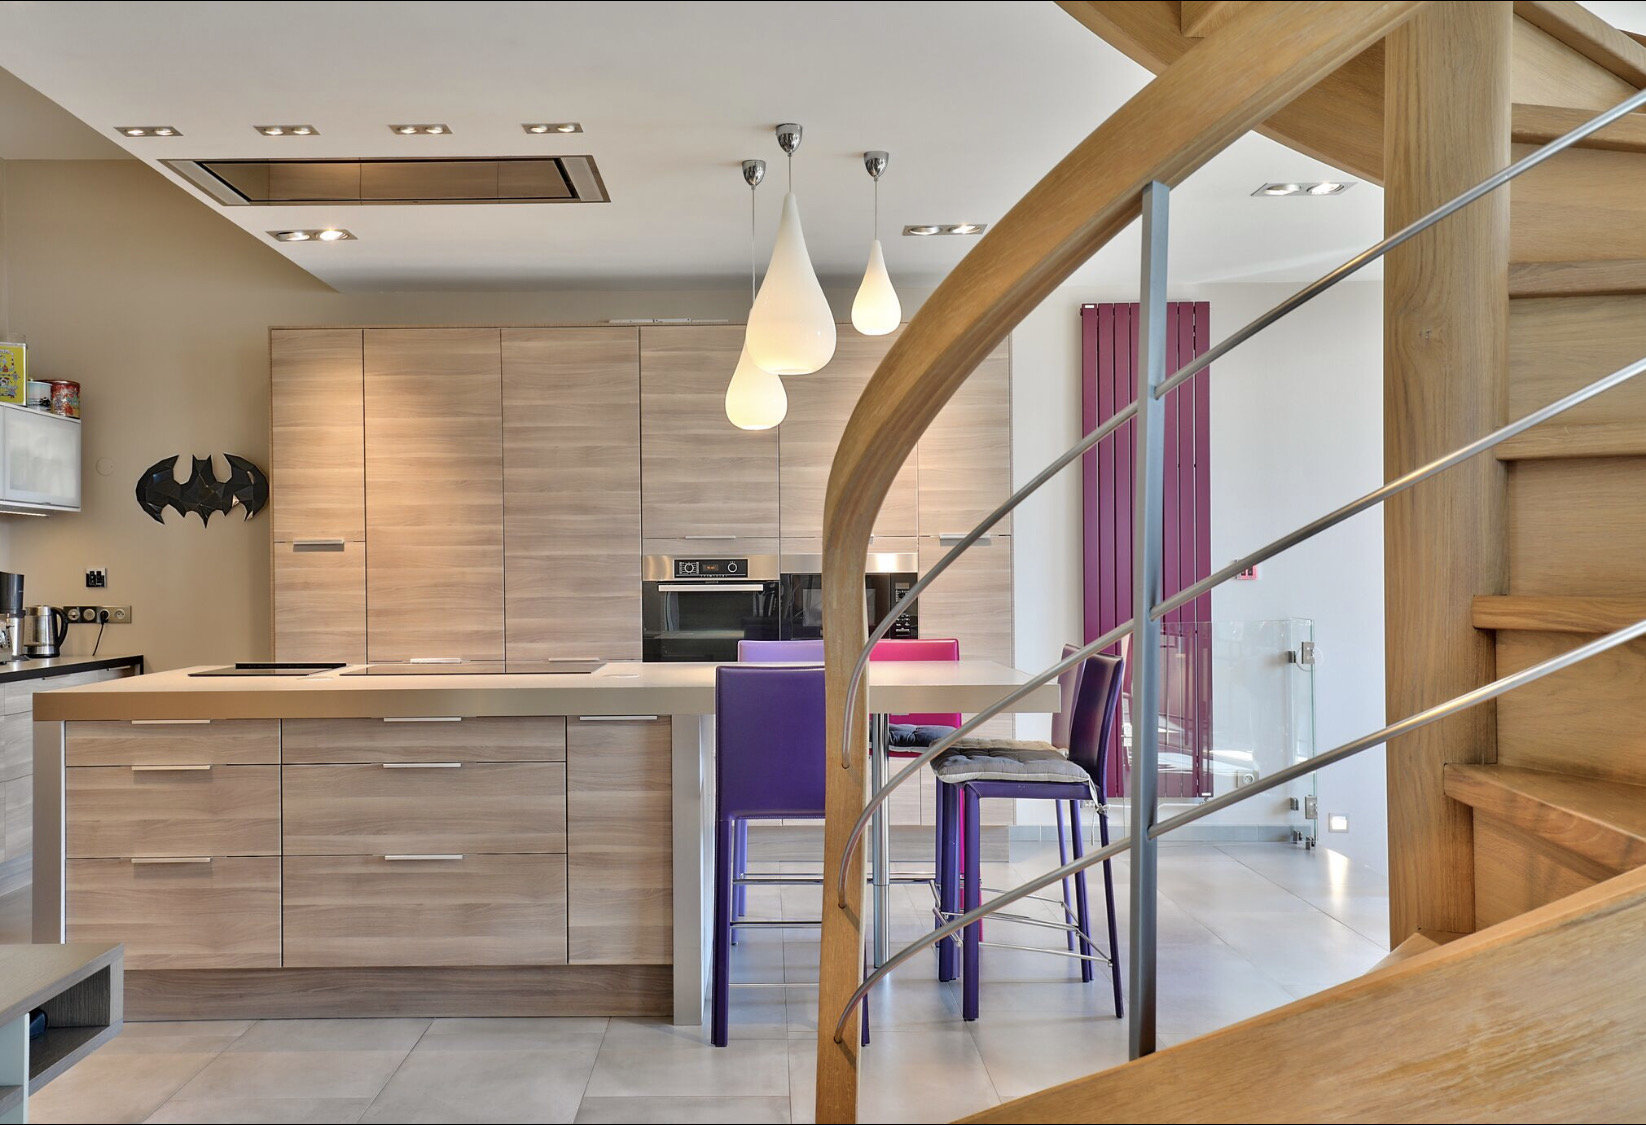 Maison T7 - Villeurbanne